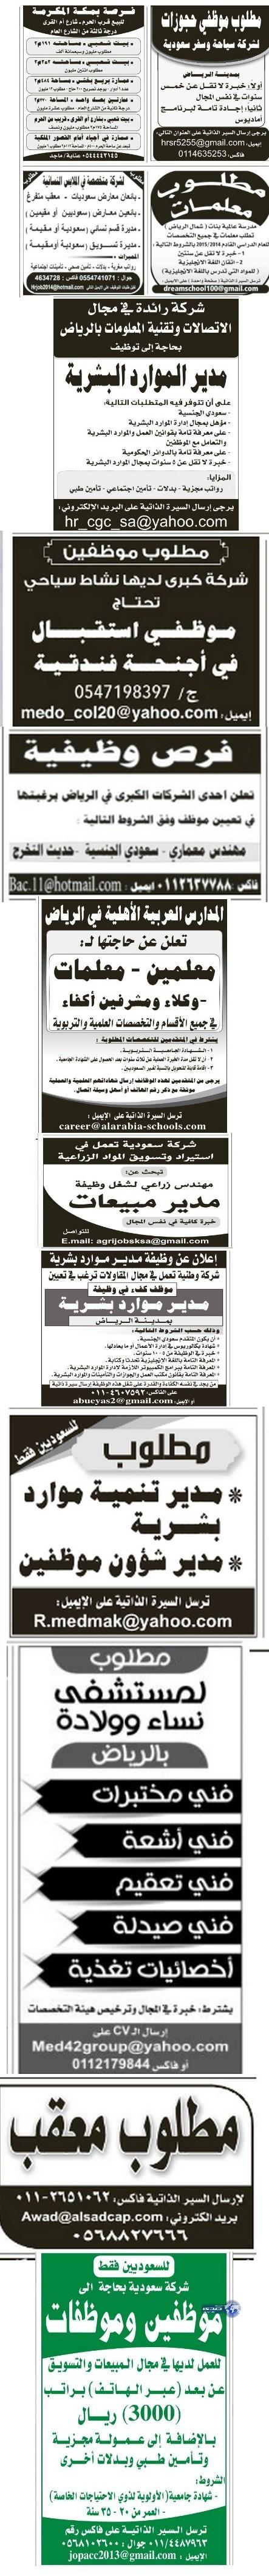 وظائف القطاع الخاص اليوم 2-6-1435 ، وظائف خاصة الاربعاء 2-4-2014